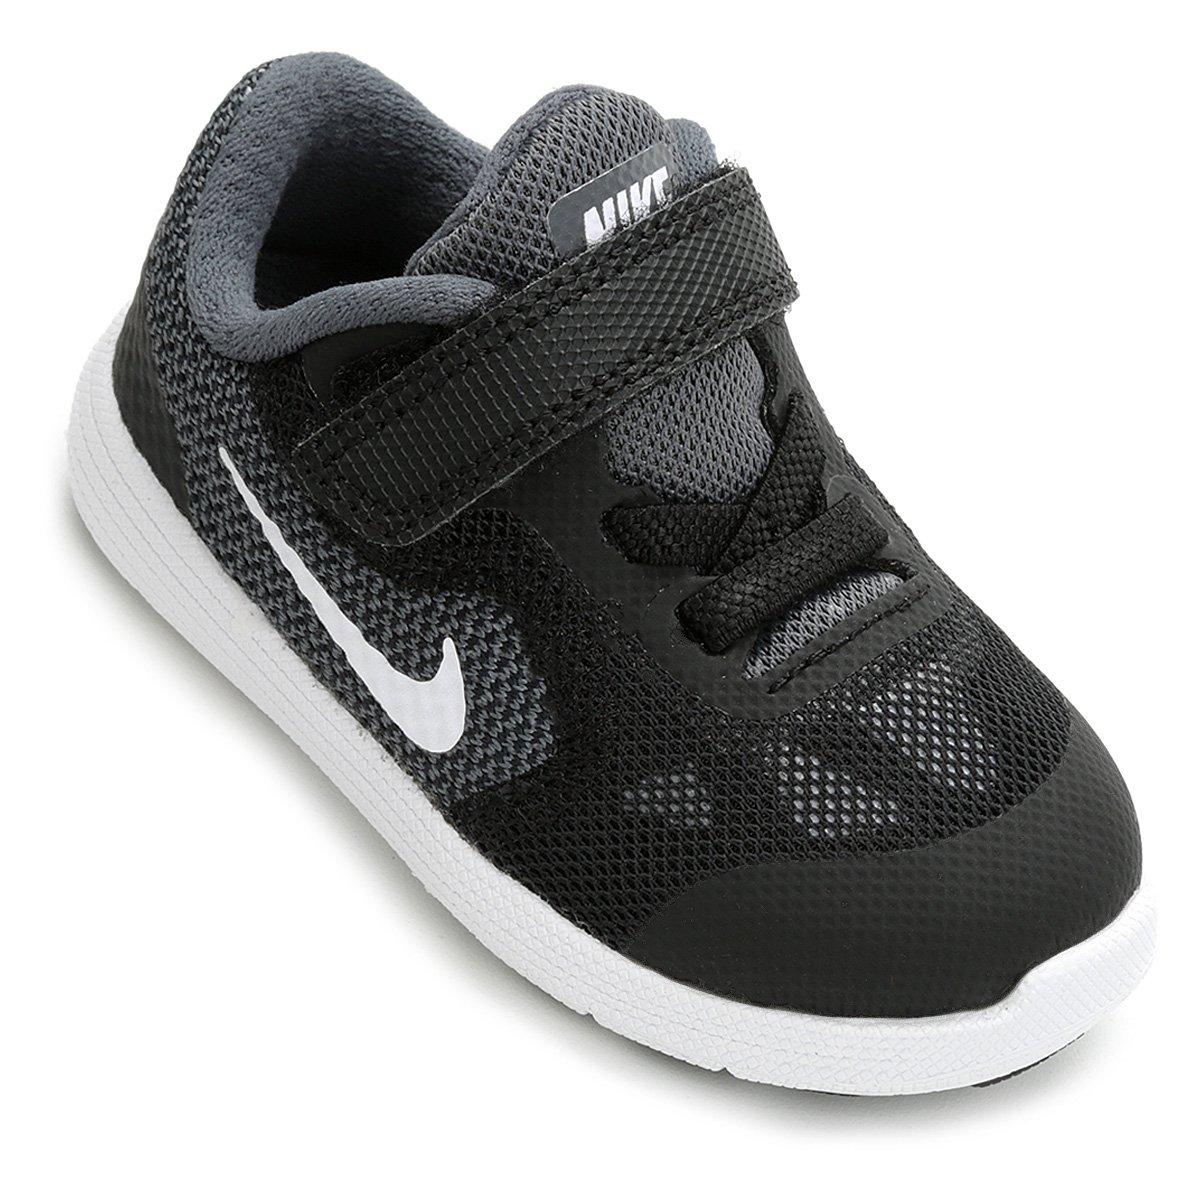 b3a6c49498 Tênis Infantil Nike Revolution 3 - Preto e Cinza - Compre Agora ...